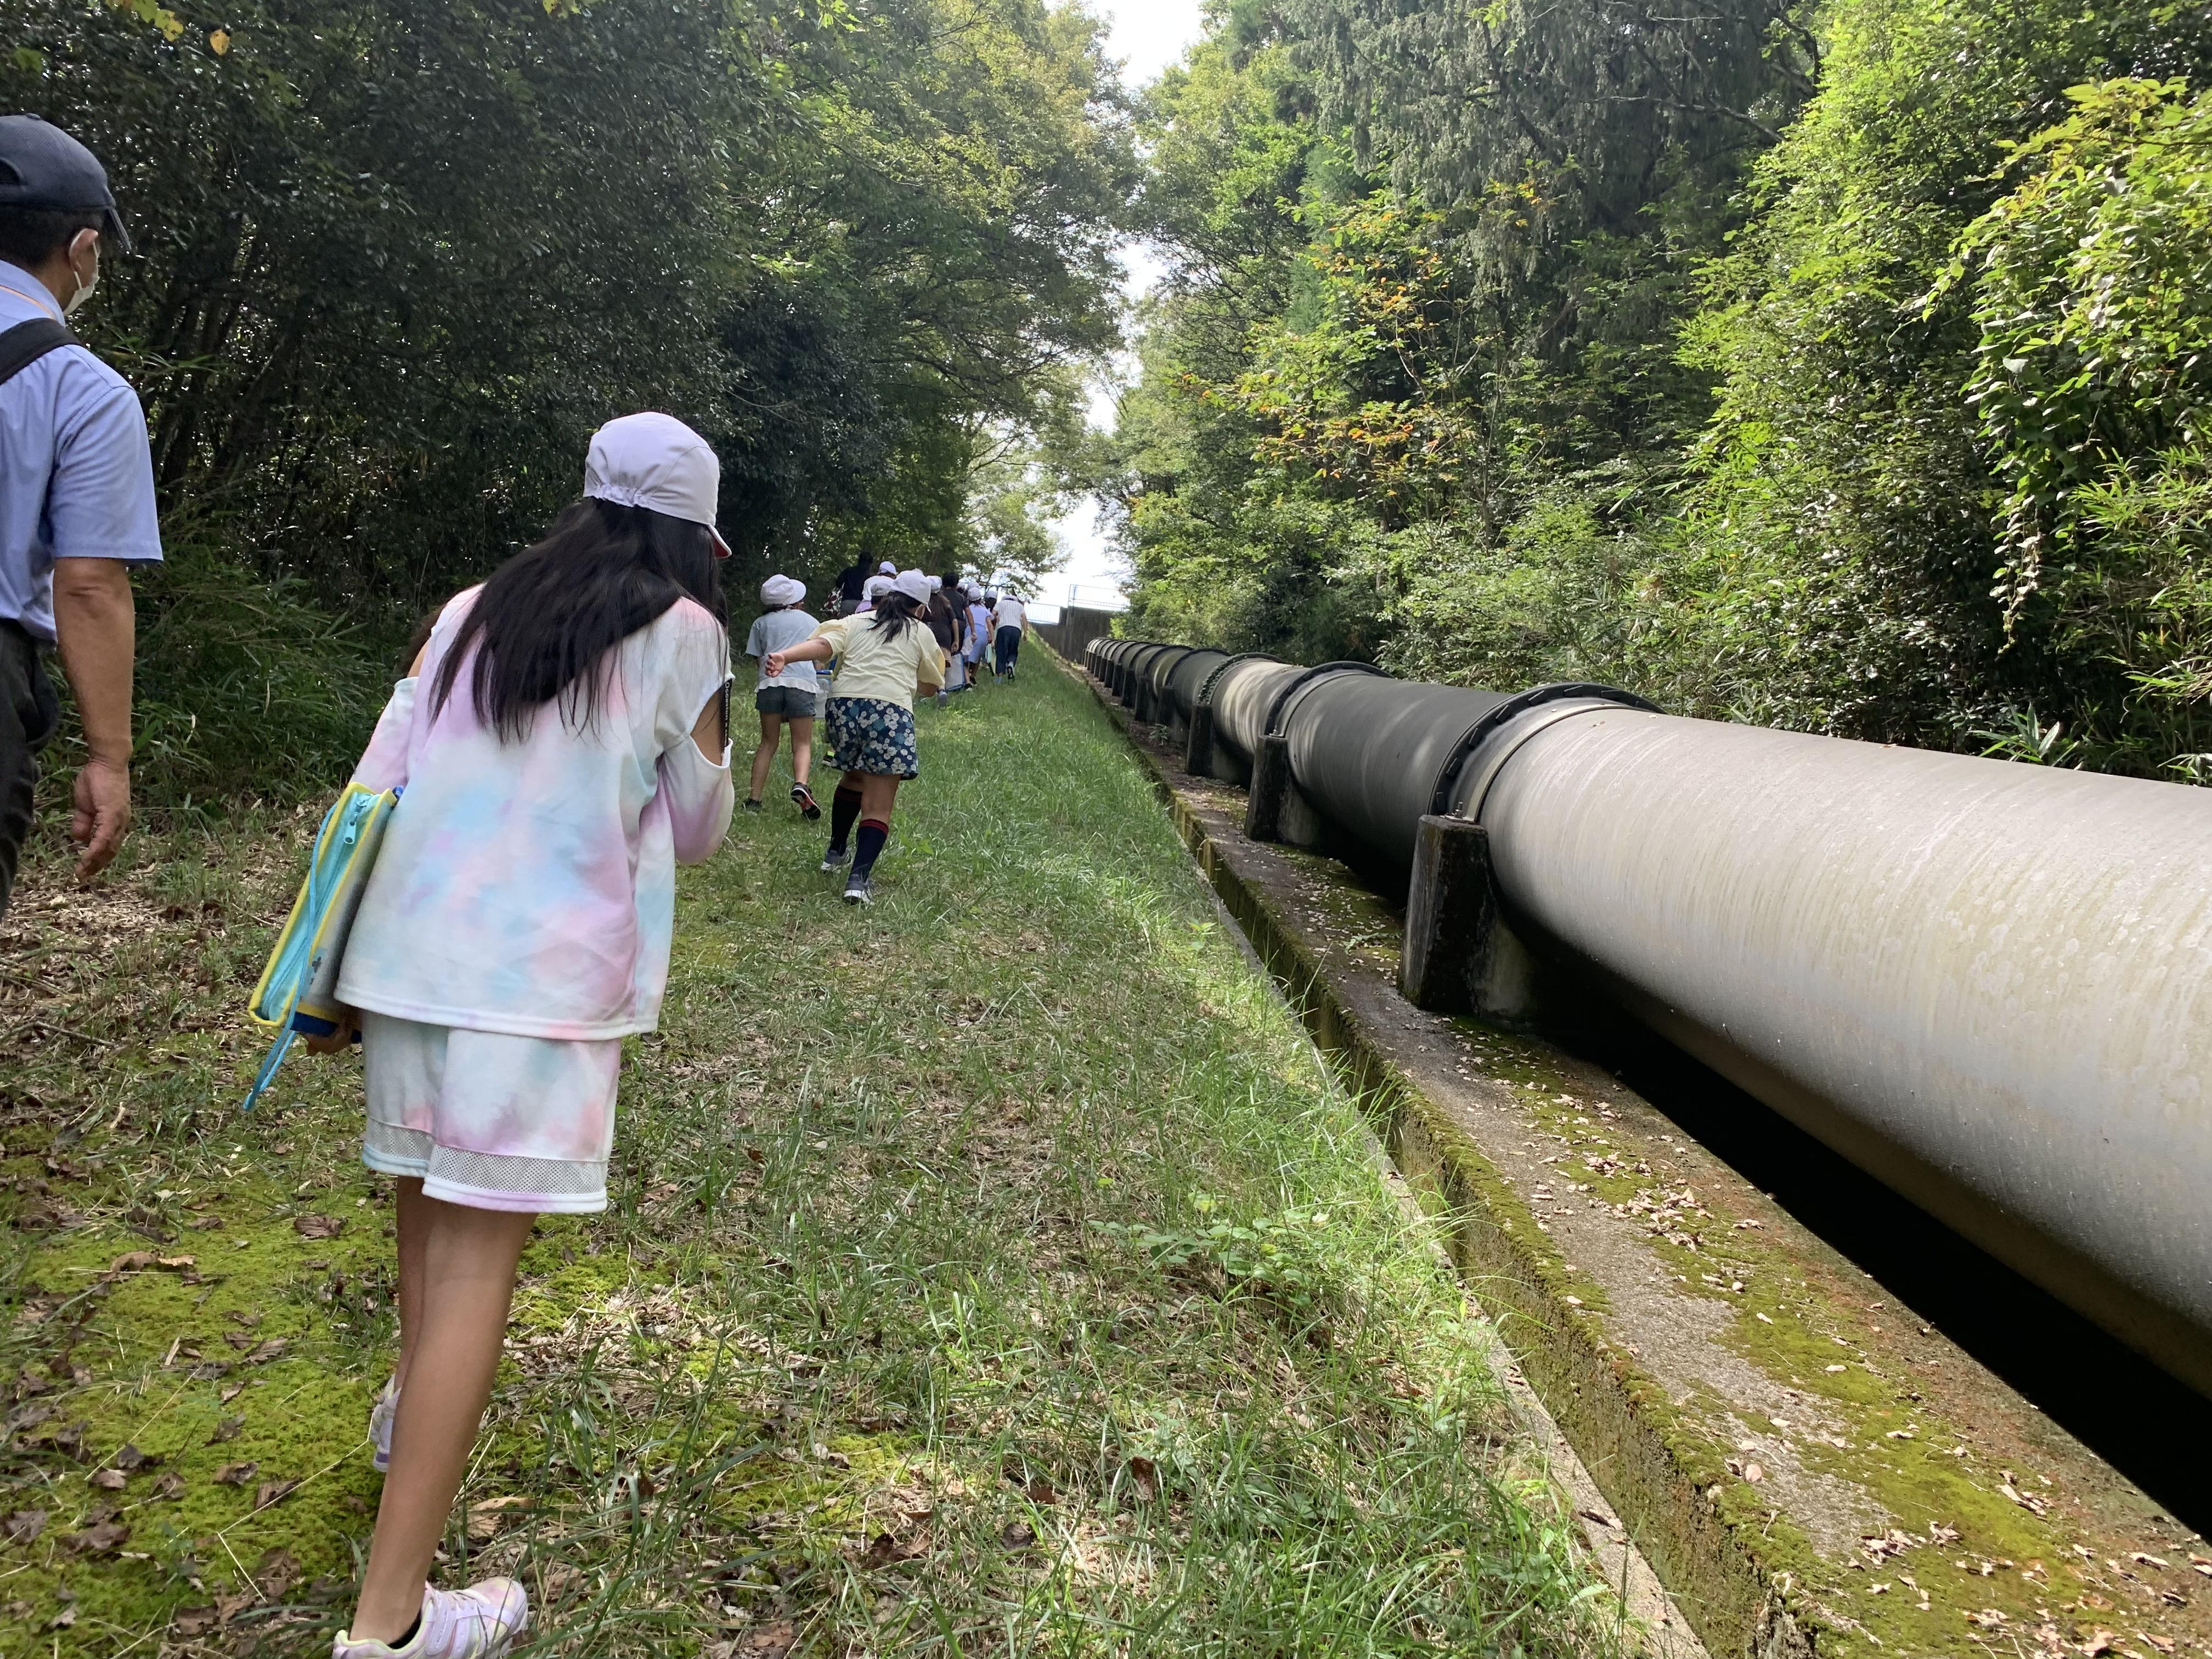 しかし4年生は無限の体力があるね。管の中を遡上する水の様に児童も登る。(写真左の平田教頭は準備万端、長靴です。)